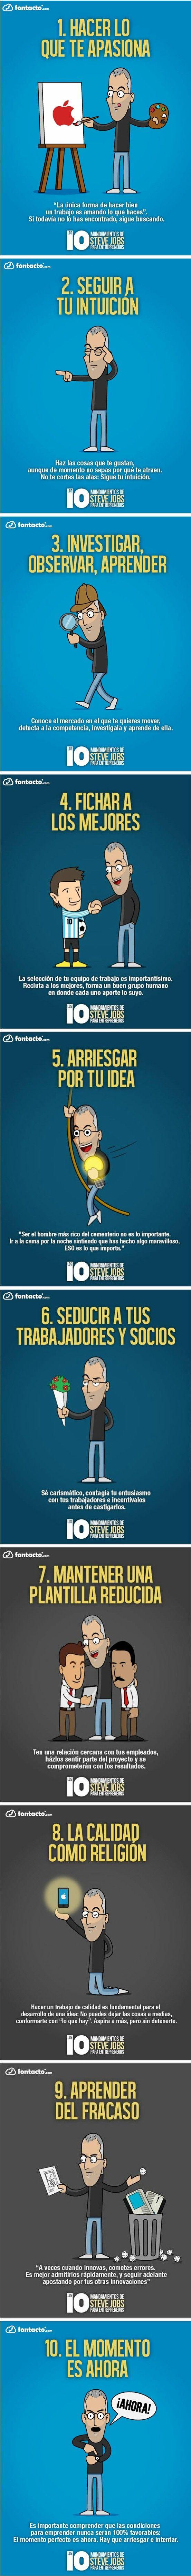 Los 10 mandamientos de Steve Jobs para emprendedores #infografia (repinned by @Ricardo Sudario Sudario Sudario Sudario Llera)